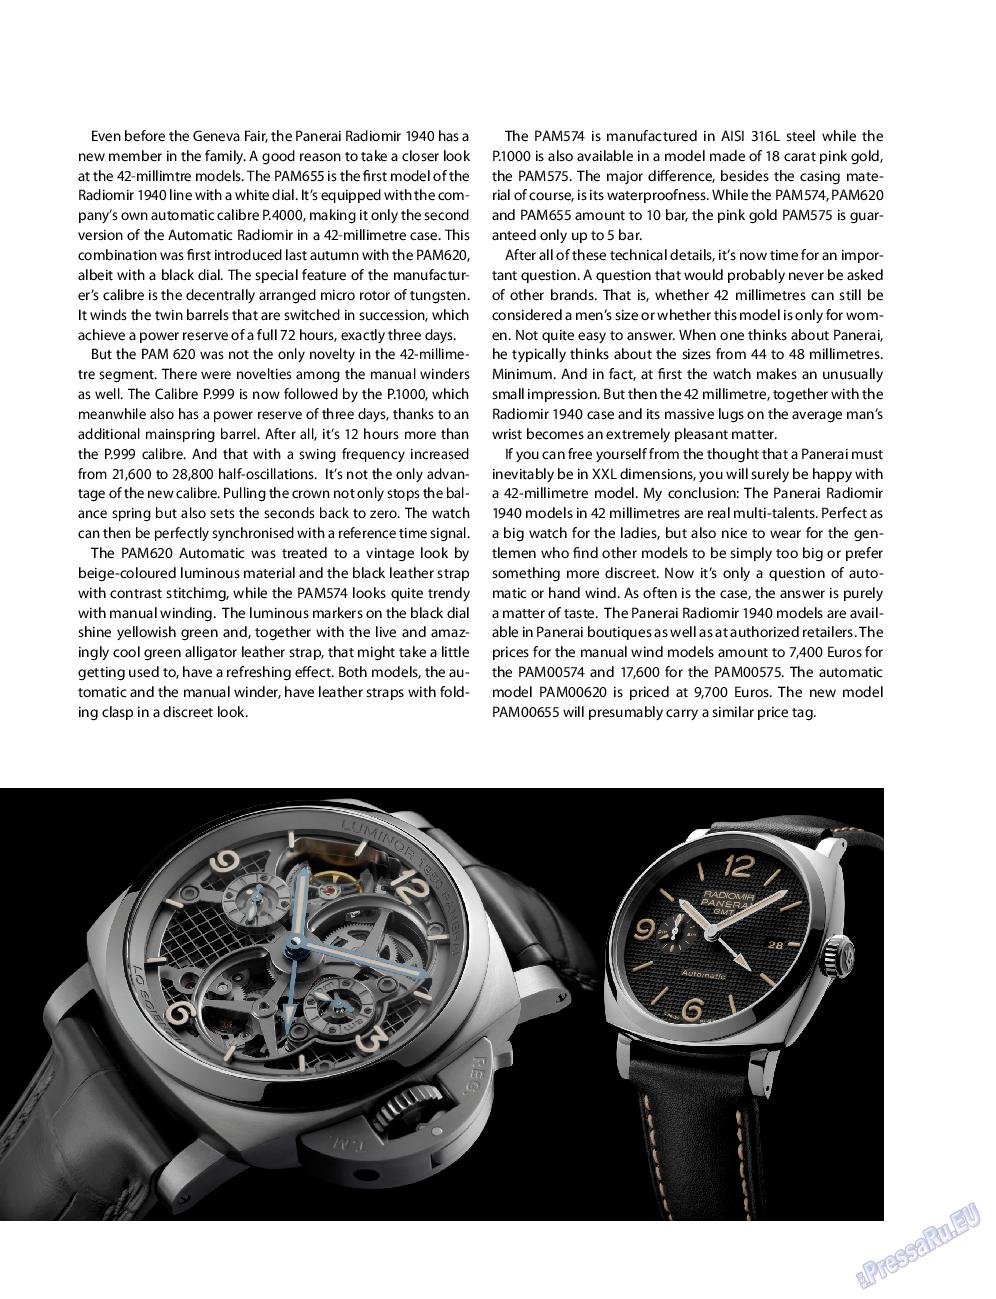 Клан (журнал). 2016 год, номер 10, стр. 134